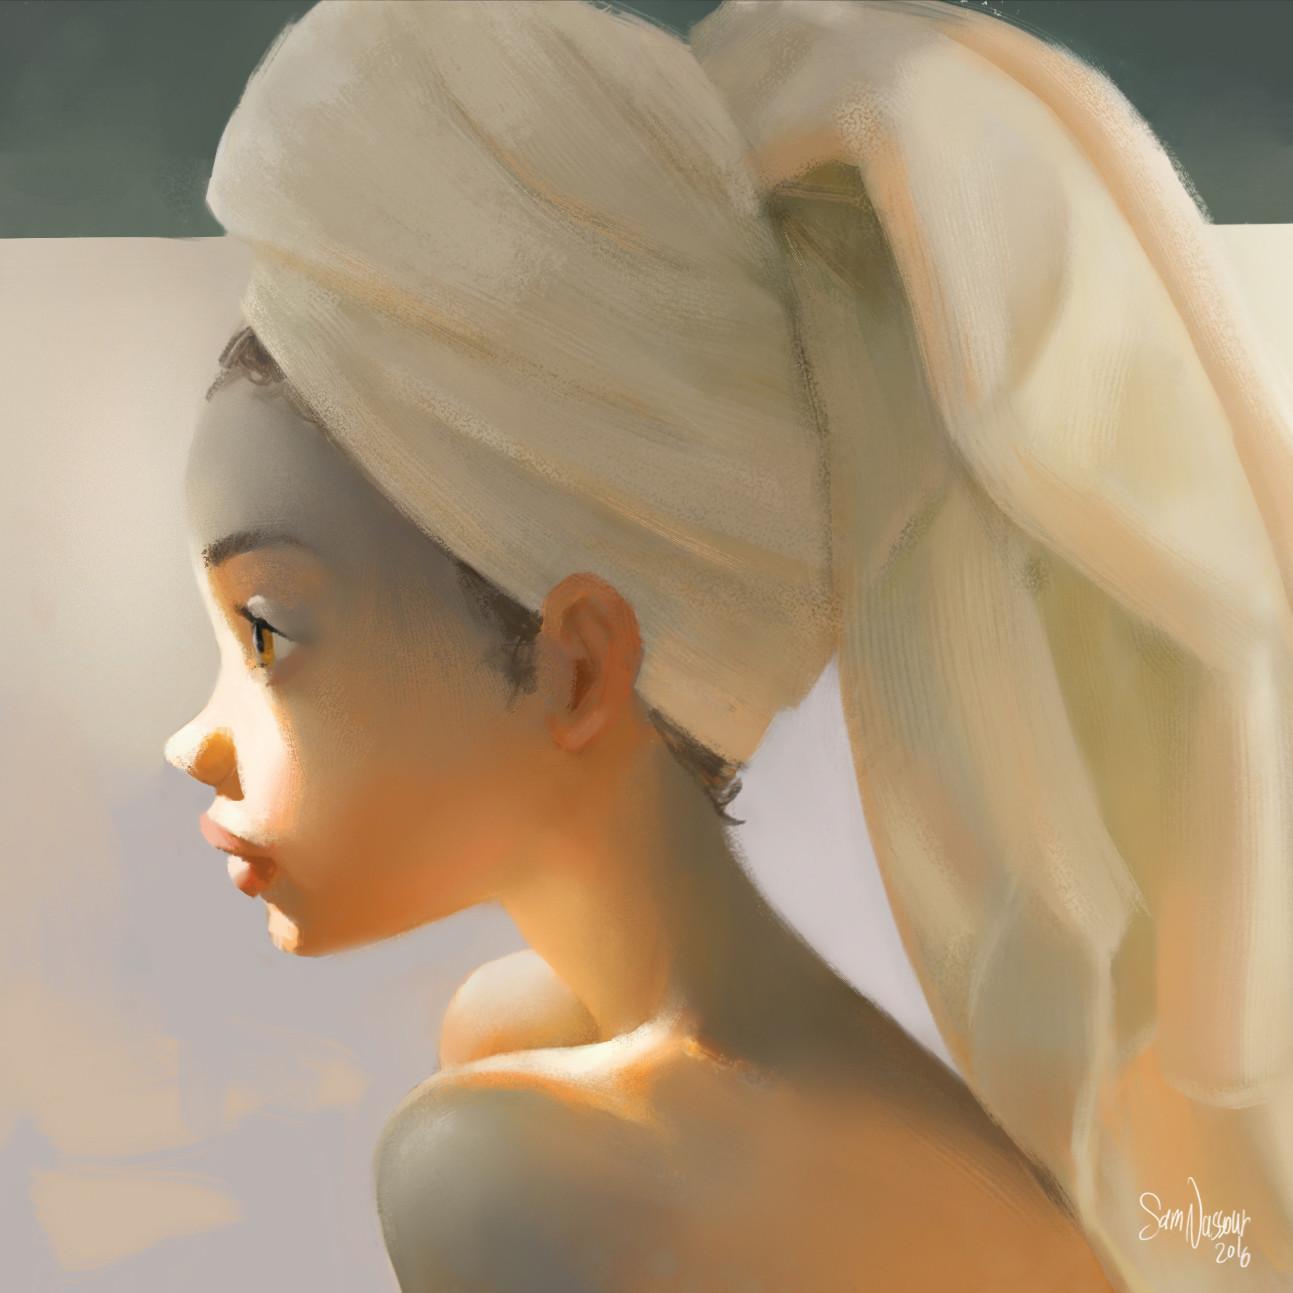 Sam nassour towel